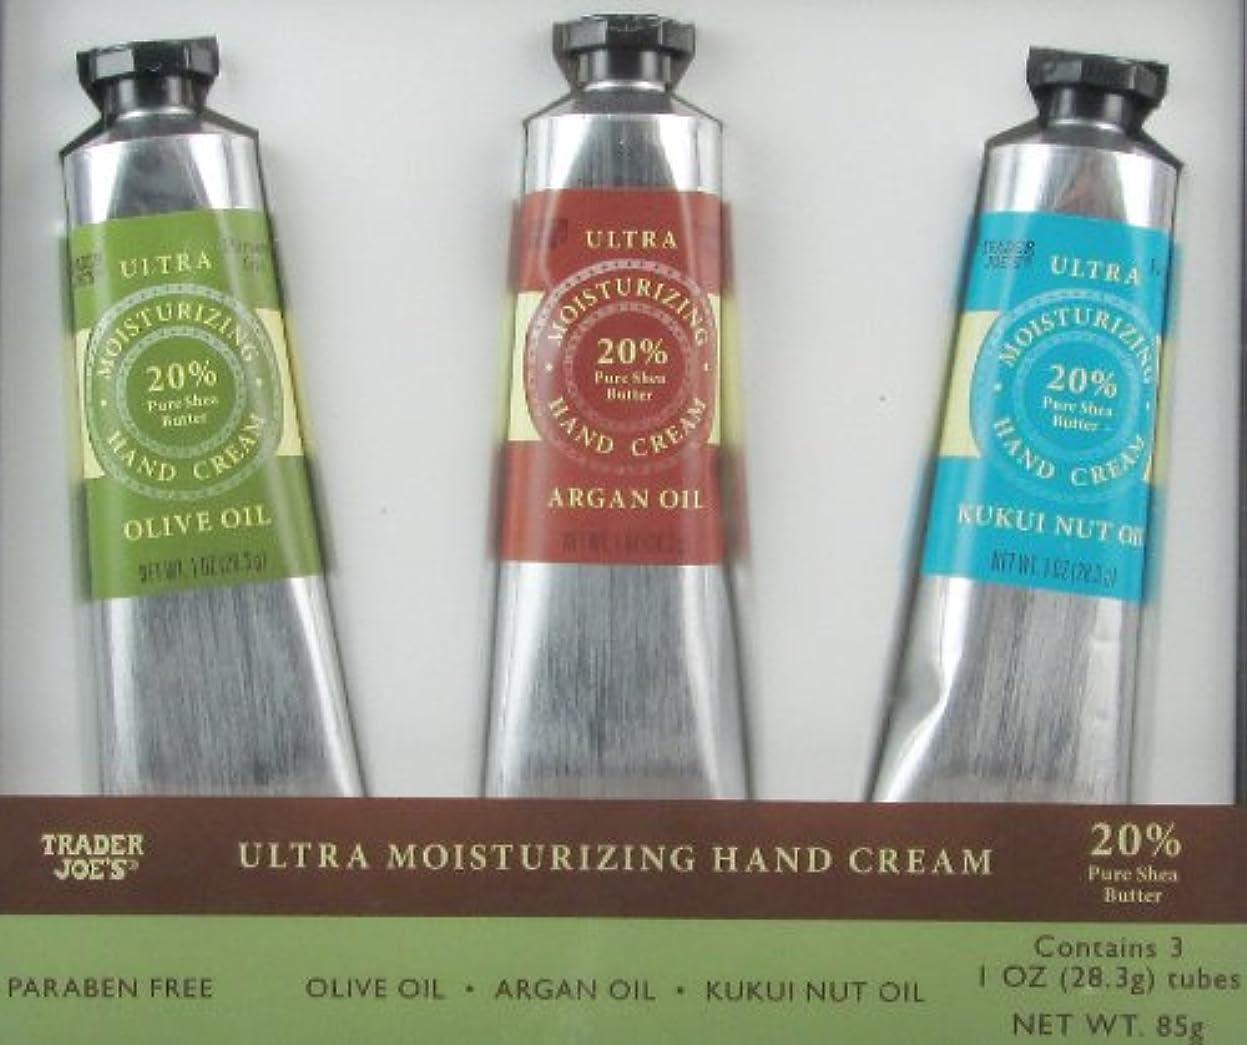 織る緩む家庭トレーダージョーズ ウルトラ モイスチャライジング ハンドクリーム 3種類 ギフトセット Trader Joe's Moisturizing Hand Cream Trio Olive Oil, Argan Oil, Kukui...